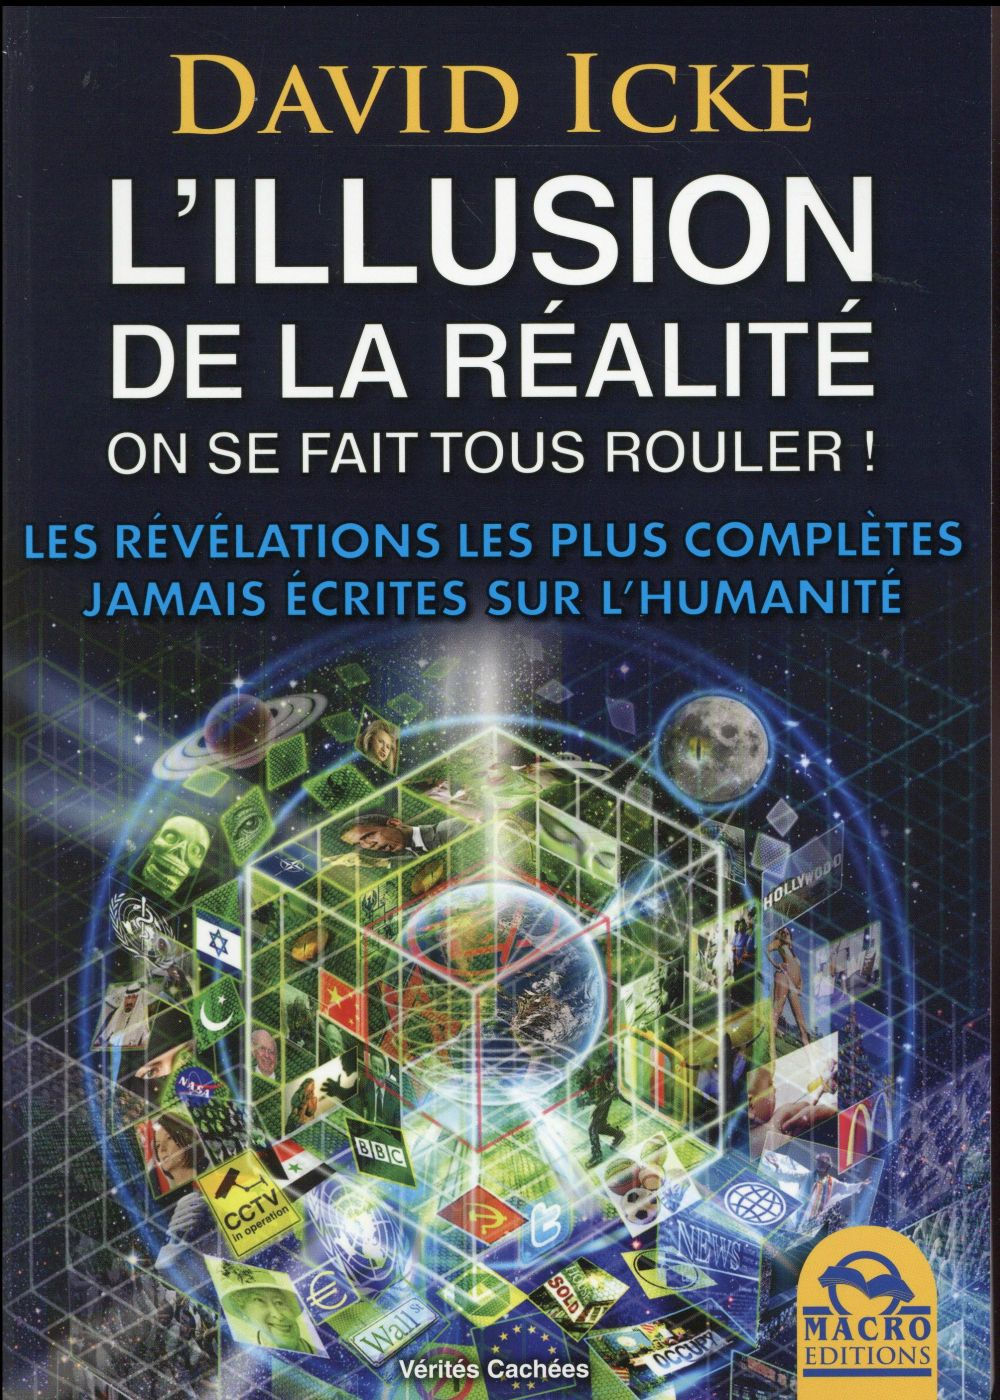 L'ILLUSION DE LA REALITE. ON SE FAIT TOUS ROULER ! - LES REVELATIONS LES PLUS COMPLETES JAMAIS ECRIT